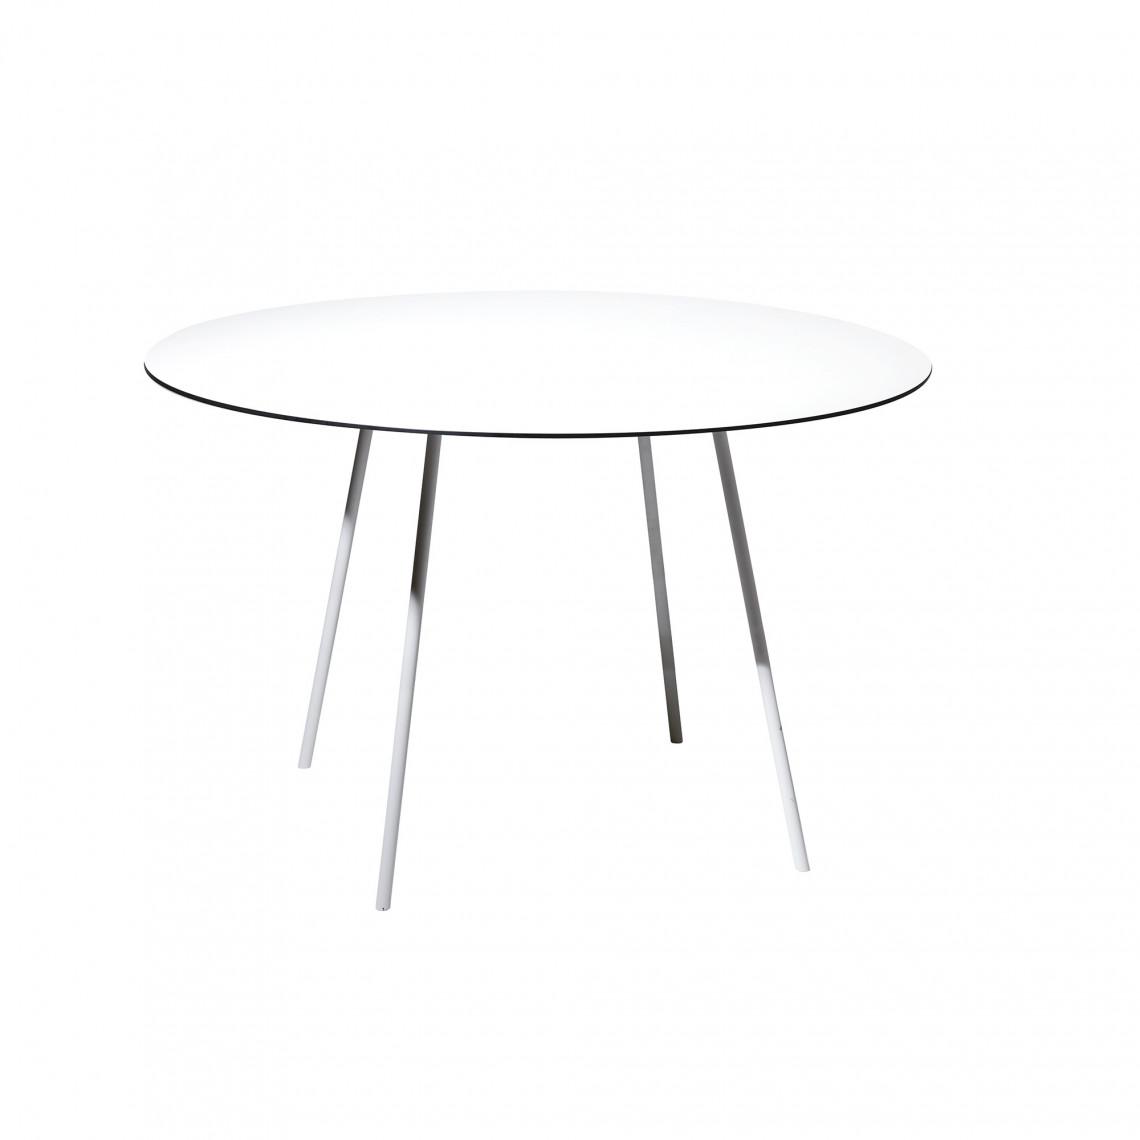 Bord - Ella Square Table